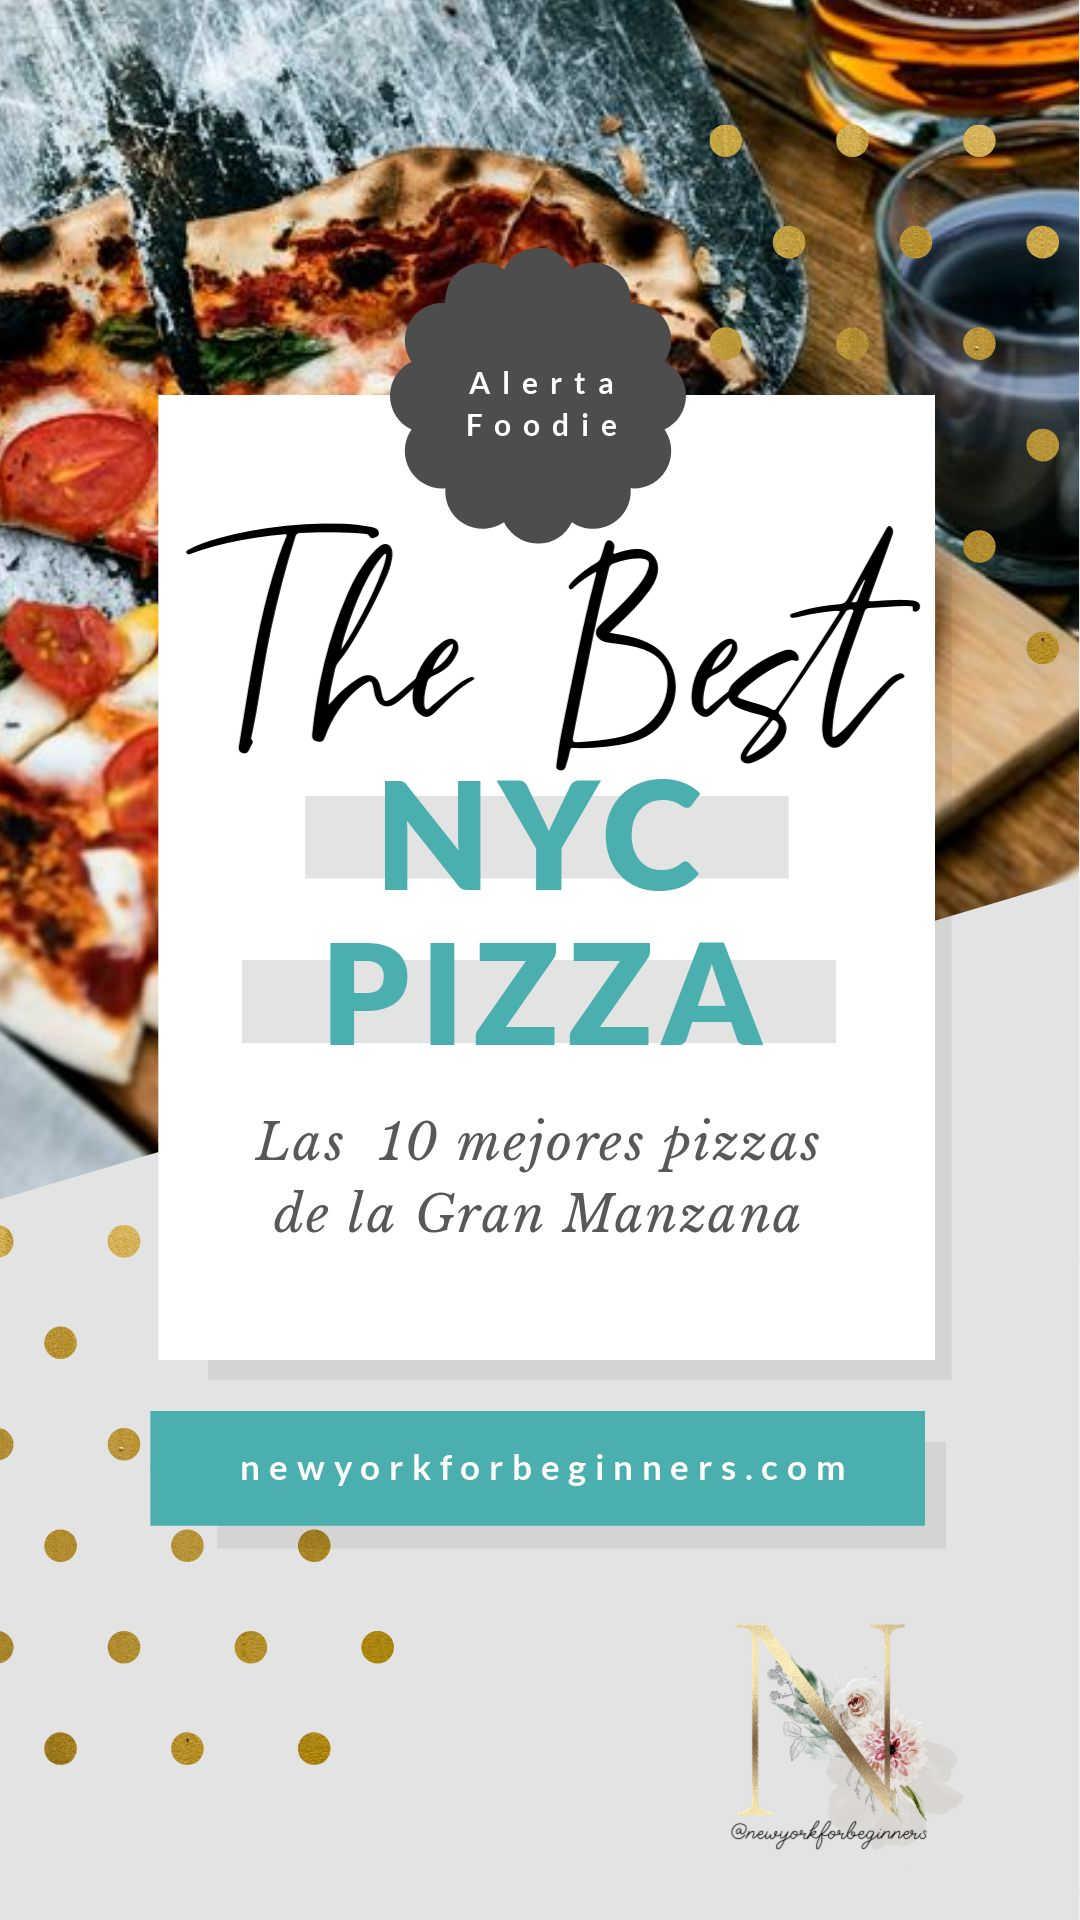 Las 10 mejores pizzas de Nueva York